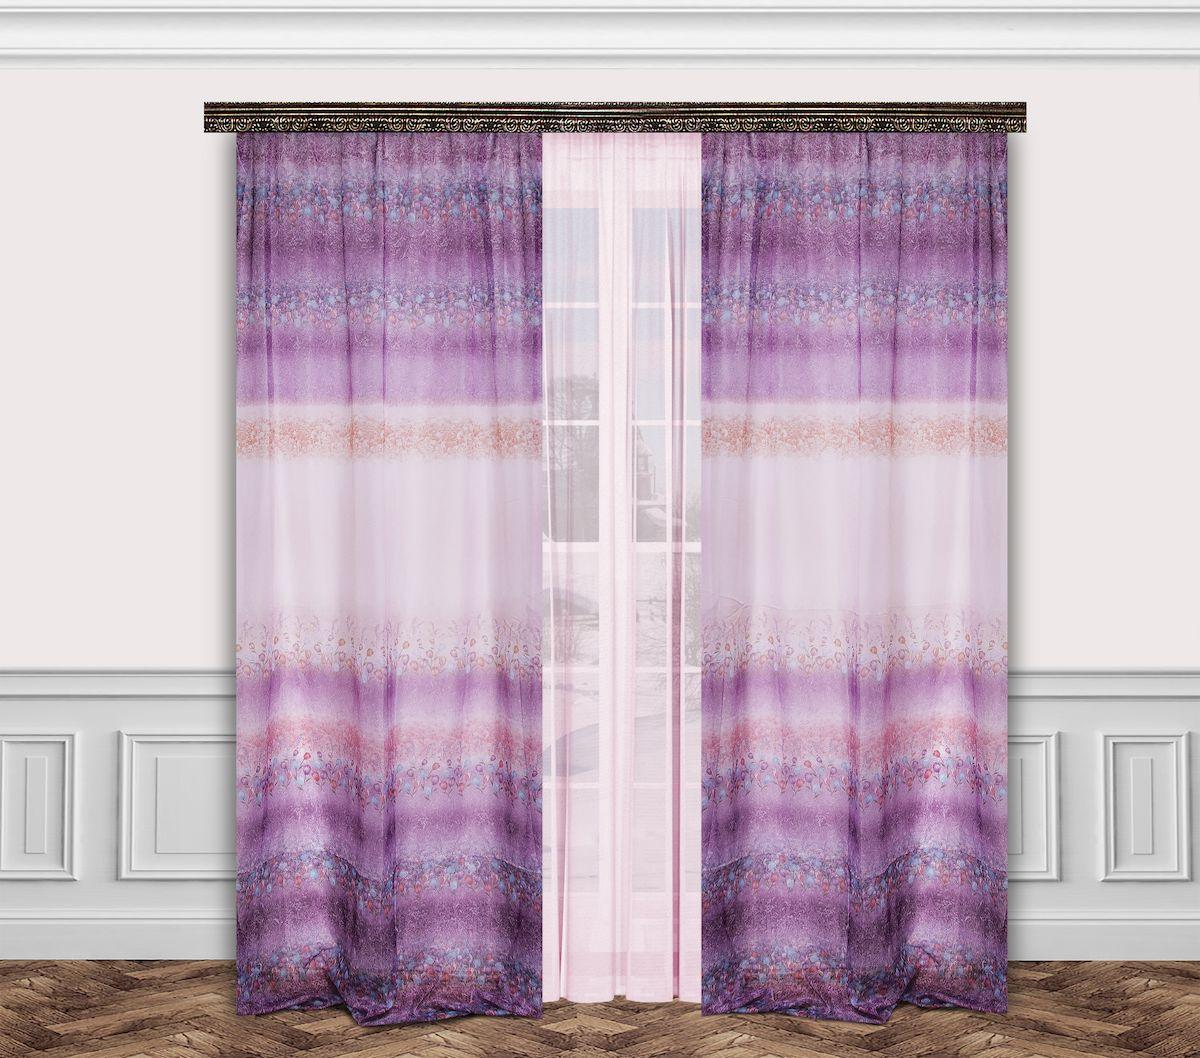 Комплект штор Zlata Korunka, на ленте, цвет: сиреневый, высота 260 см. 7770023111916620Роскошный комплект штор Zlata Korunka, выполненный из полиэстера, великолепно украсит любое окно. Комплект состоит из тюля, двух штор и двух подхватов. Нежный цветочный рисунок и приятная цветовая гамма привлекут к себе внимание и органично впишутся в интерьер помещения. Этот комплект будет долгое время радовать вас и вашу семью!Комплект крепится на карниз при помощи ленты, которая поможет красиво и равномерно задрапировать верх.В комплект входит: Тюль: 1 шт. Размер (Ш х В): 350 см х 260 см. Штора: 2 шт. Размер (Ш х В): 160 см х 260 см.Подхват: 2 шт.